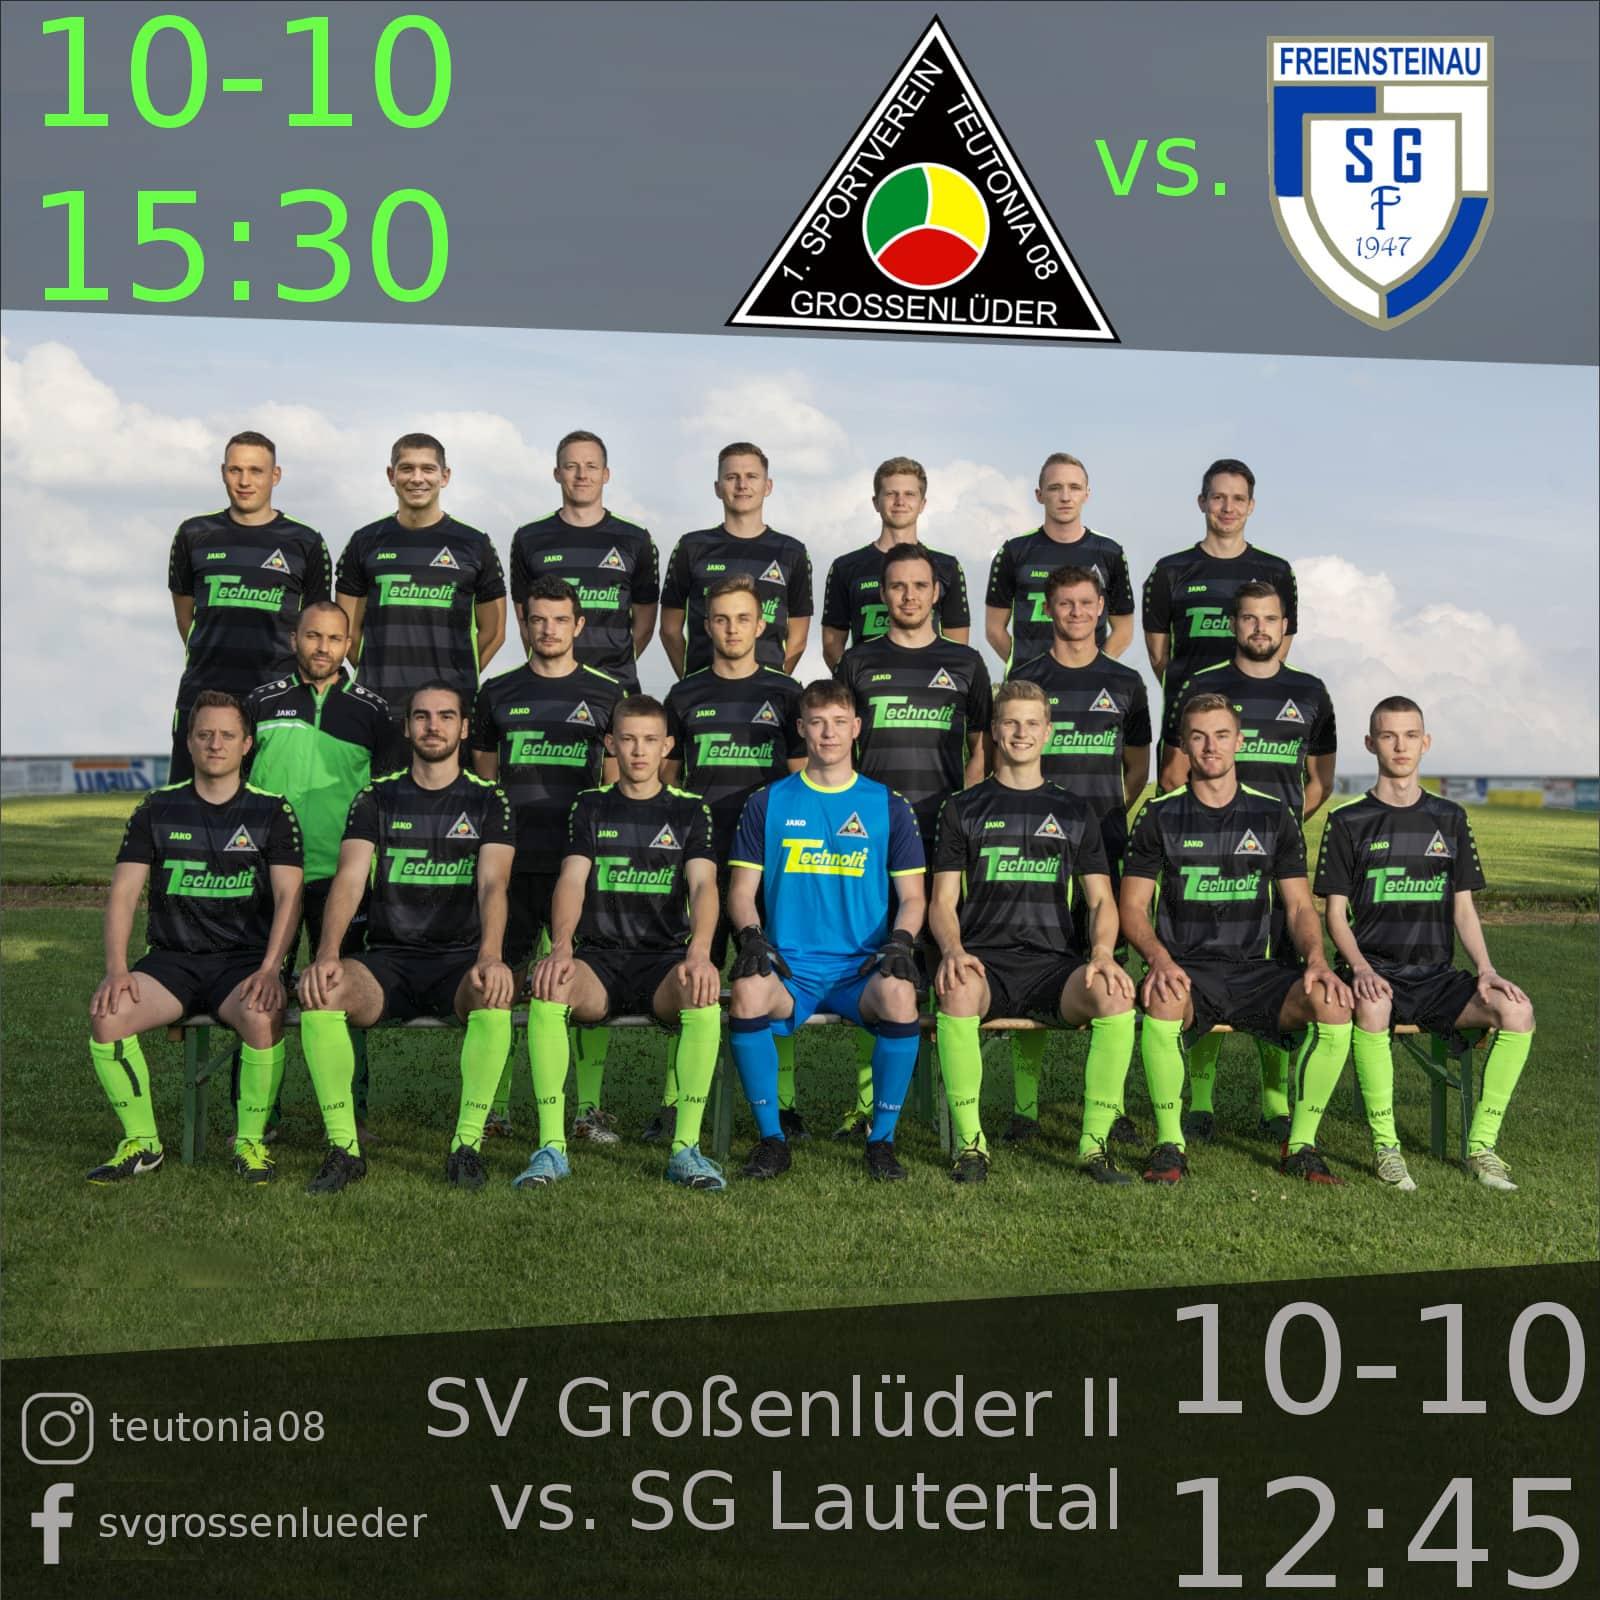 211010 Lüder – Freiensteinau